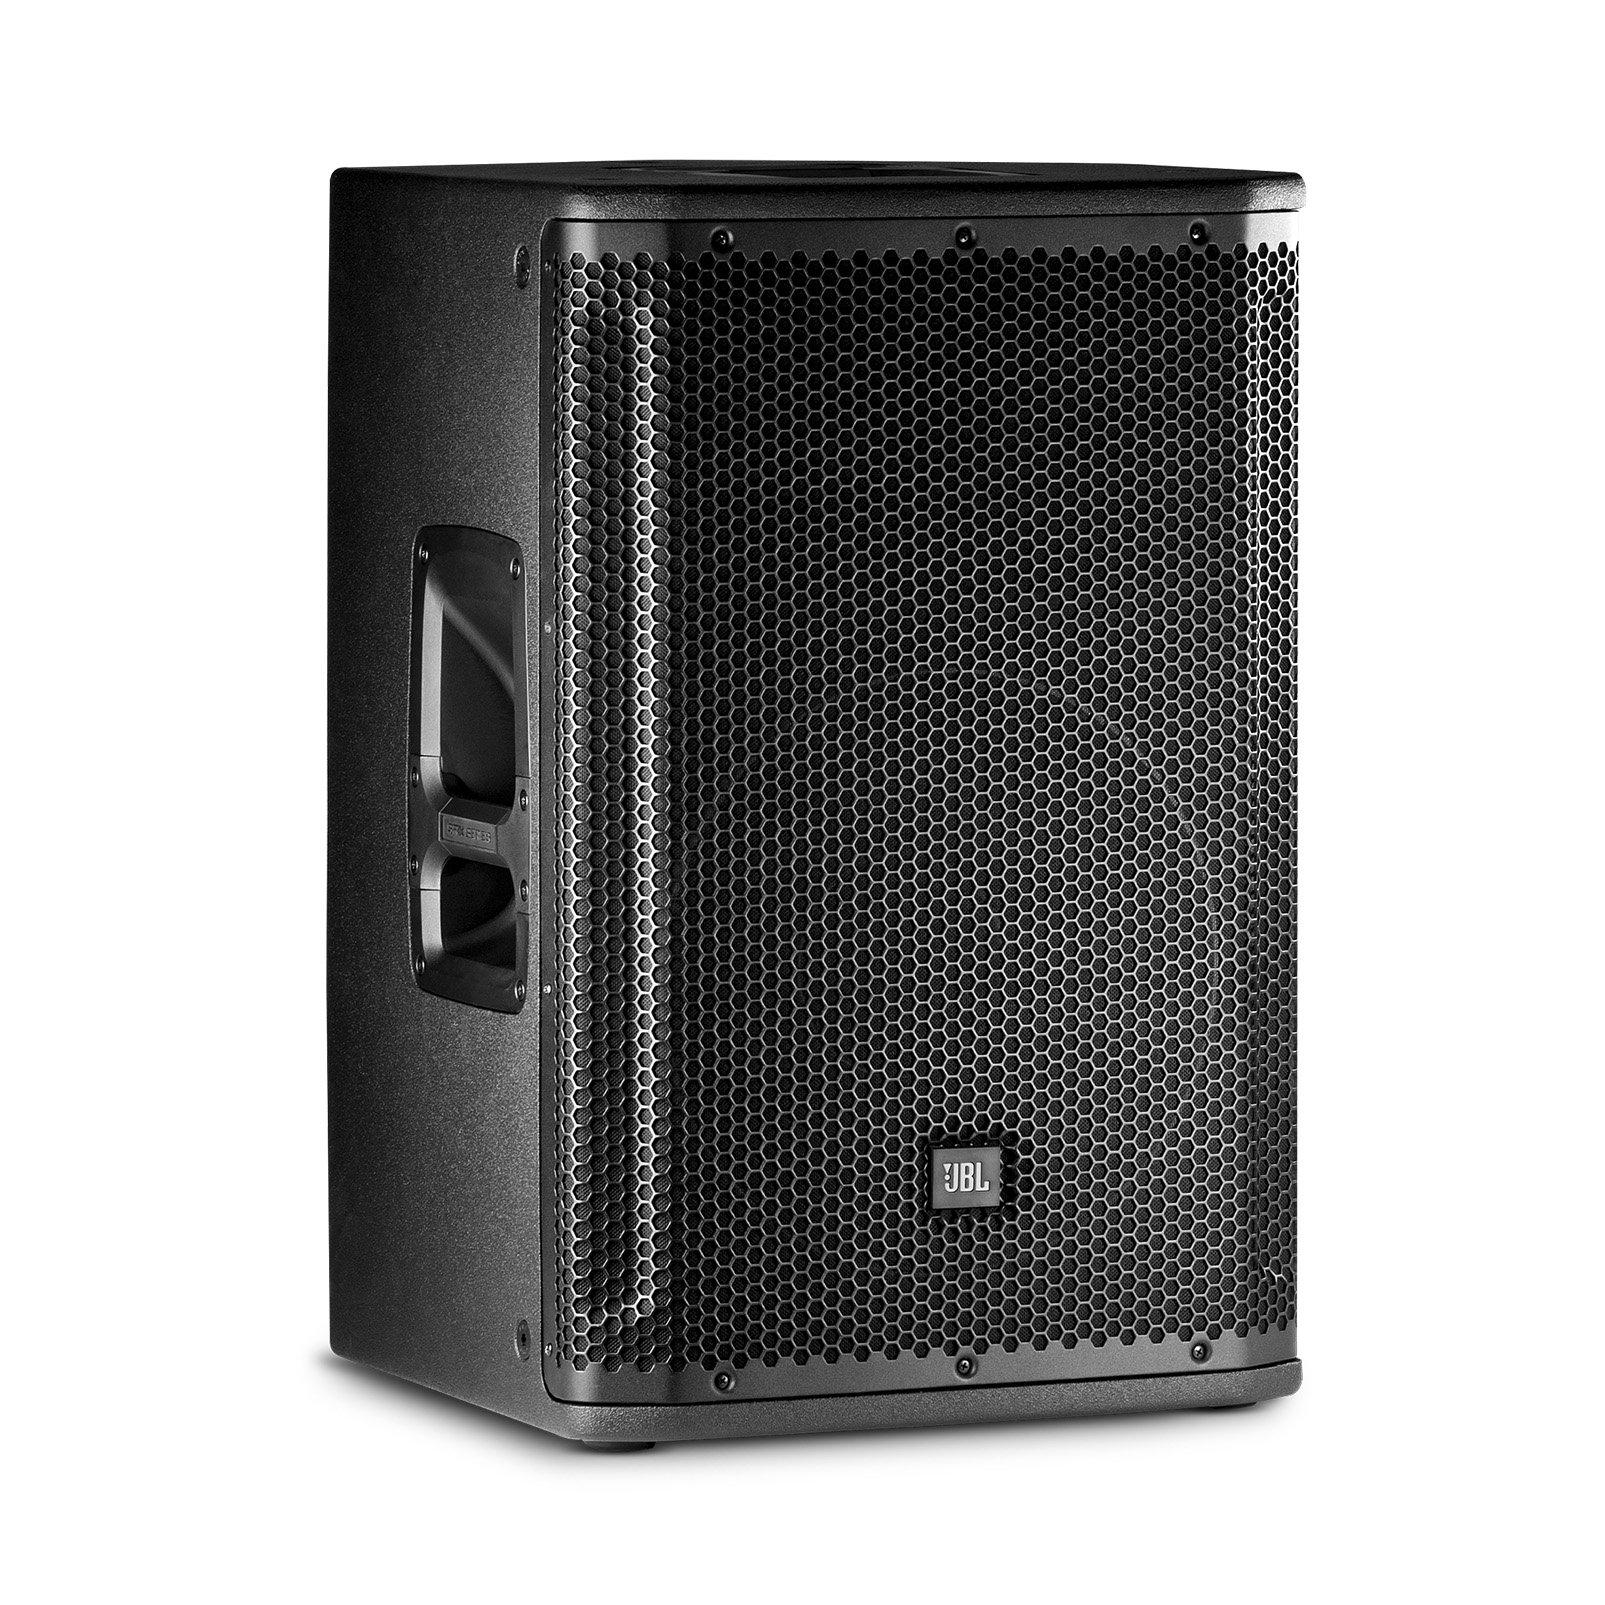 JBL SRX812P Portable 12'' 2-Way Bass Reflex Self-Powered System Speaker by JBL Professional